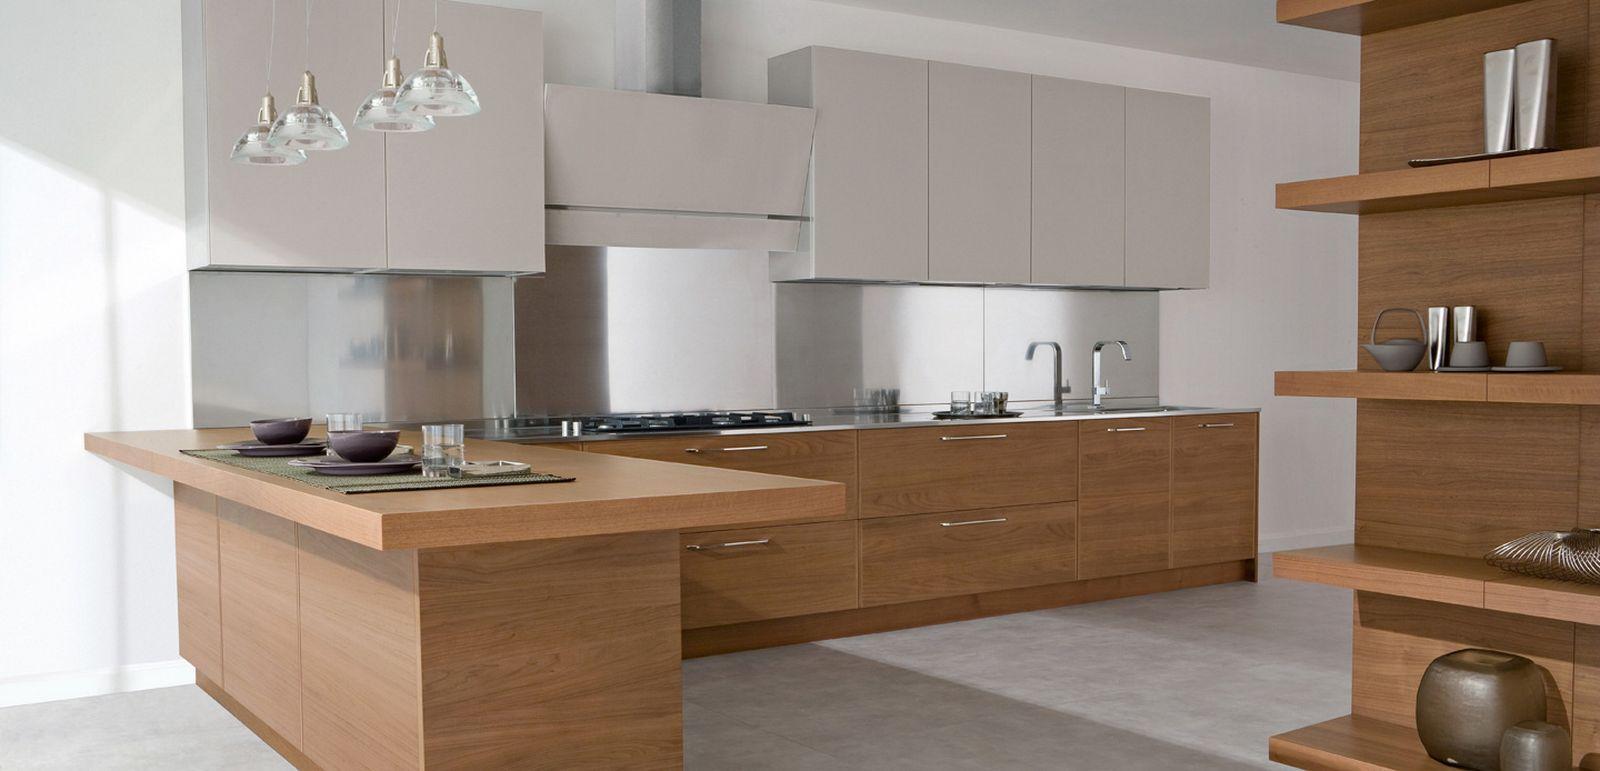 Imagen relacionada   Modern kitchen design, Contemporary kitchen ...